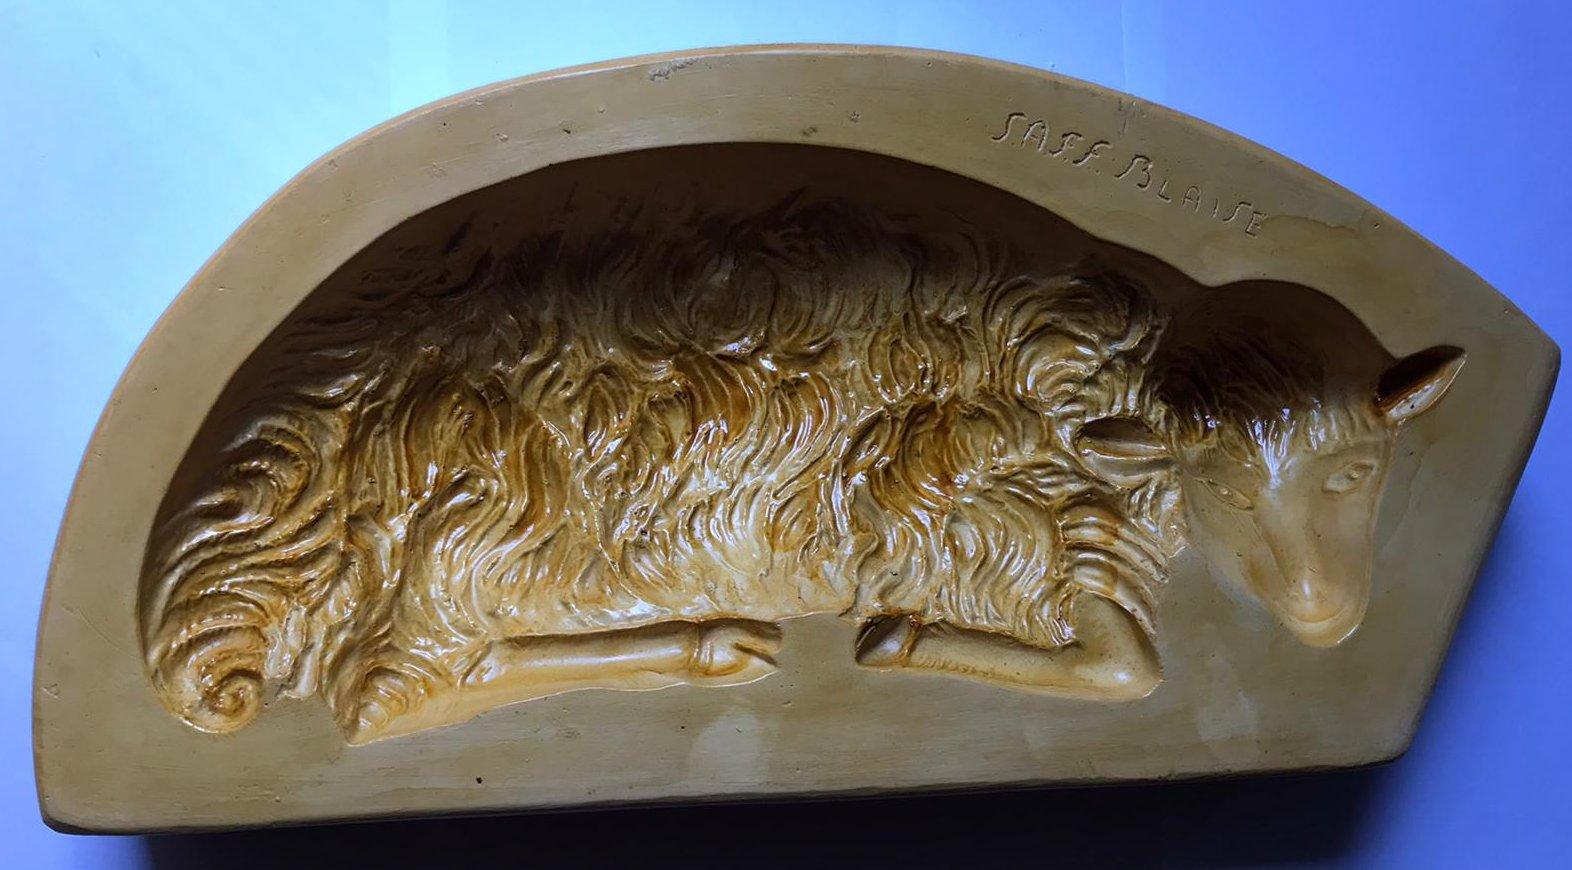 Stampo per Agnello coricato grande da 850 grammi di martorana